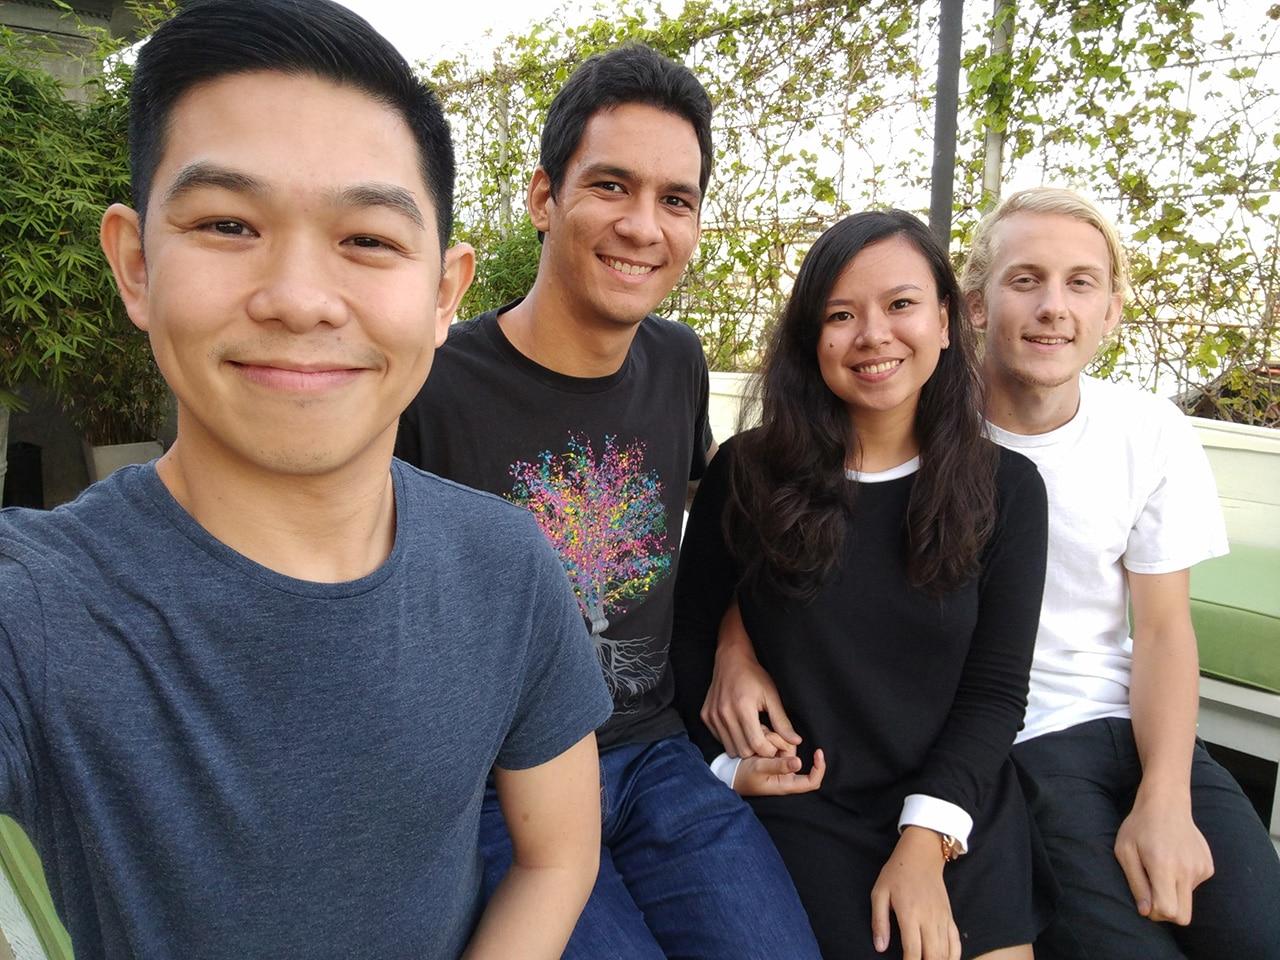 2016-gadgetmatch-photo-comparison-group-selfie-google-pixel